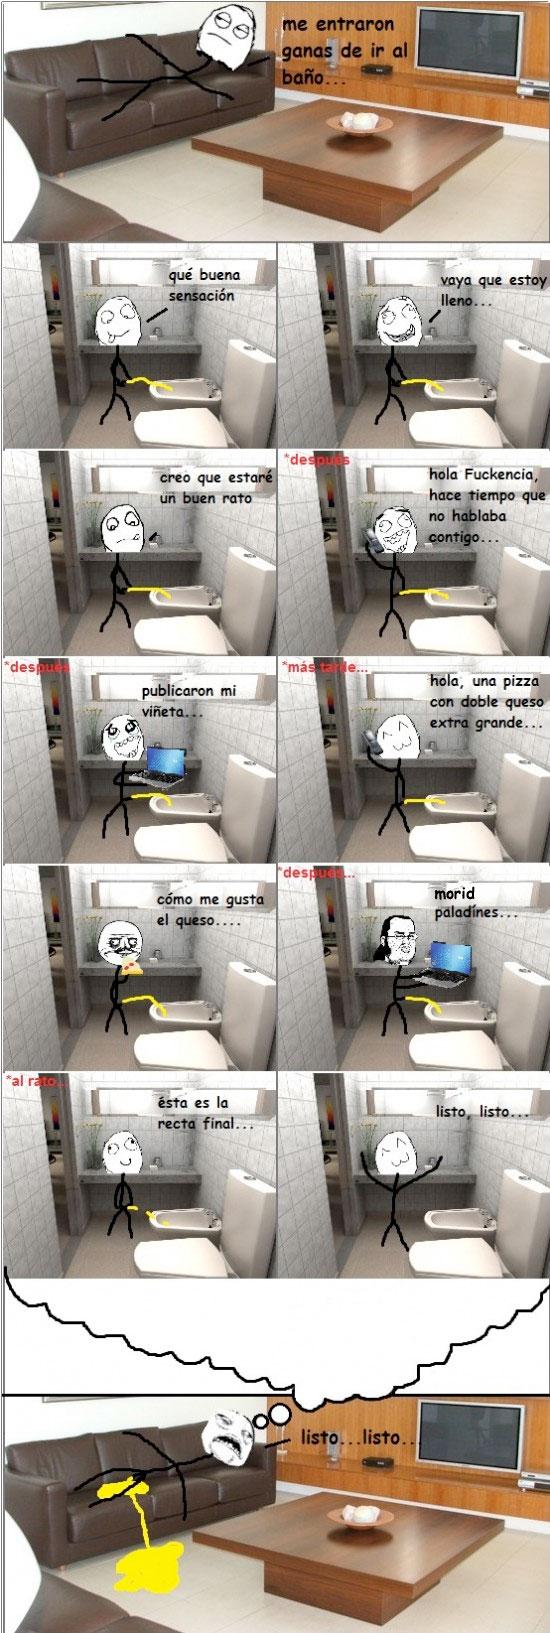 Me_gusta - Momento en el baño